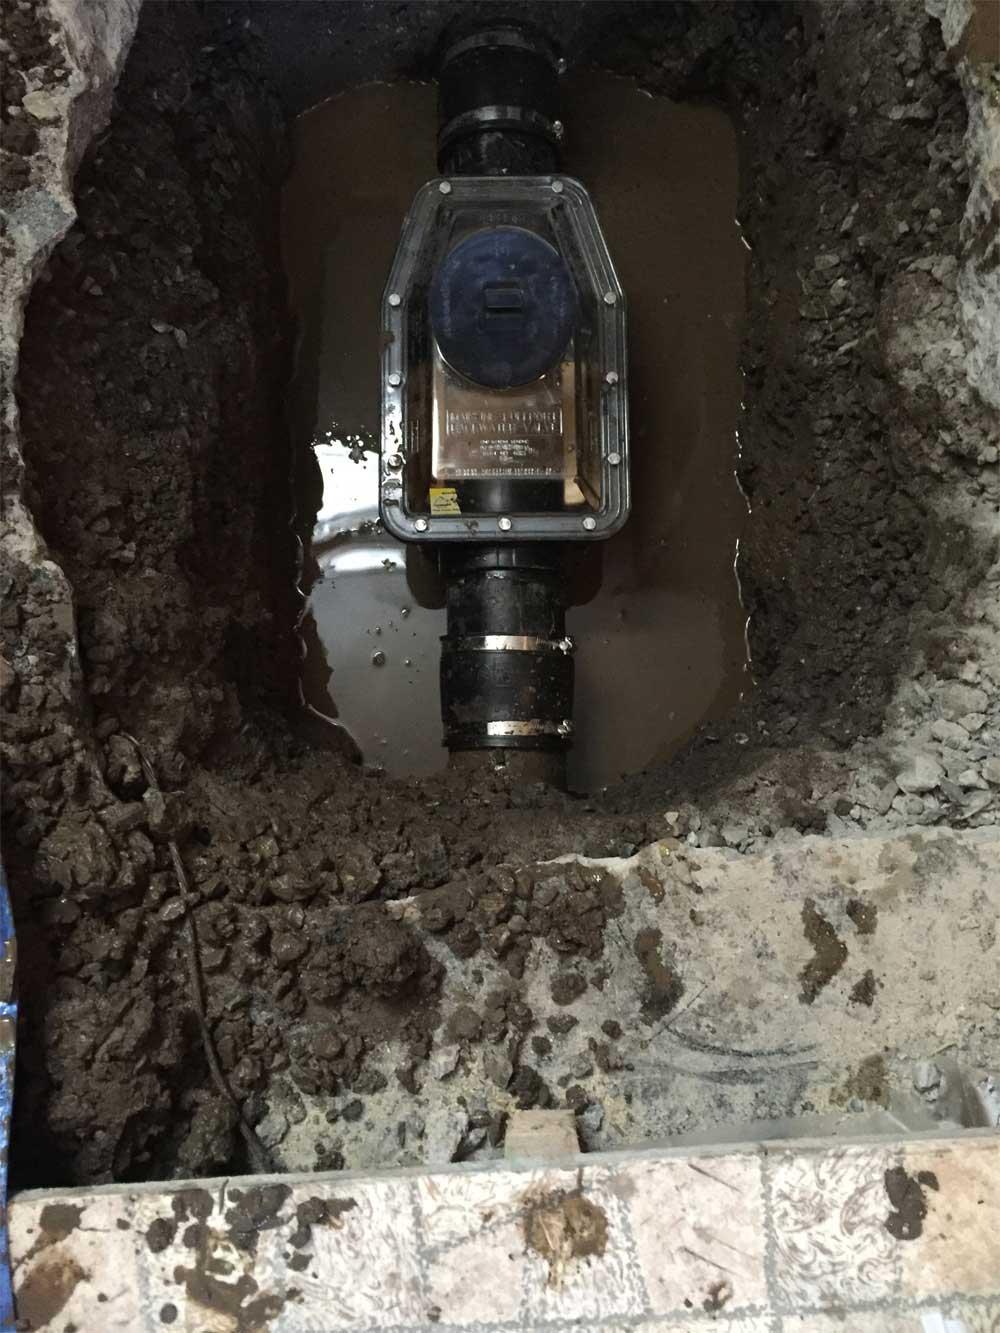 égout, Bruits bizarres dans la tuyauterie, égout qui s'égoutte lentement et mauvaises odeurs ?, Plomberie Ren-Ga, Plomberie Ren-Ga